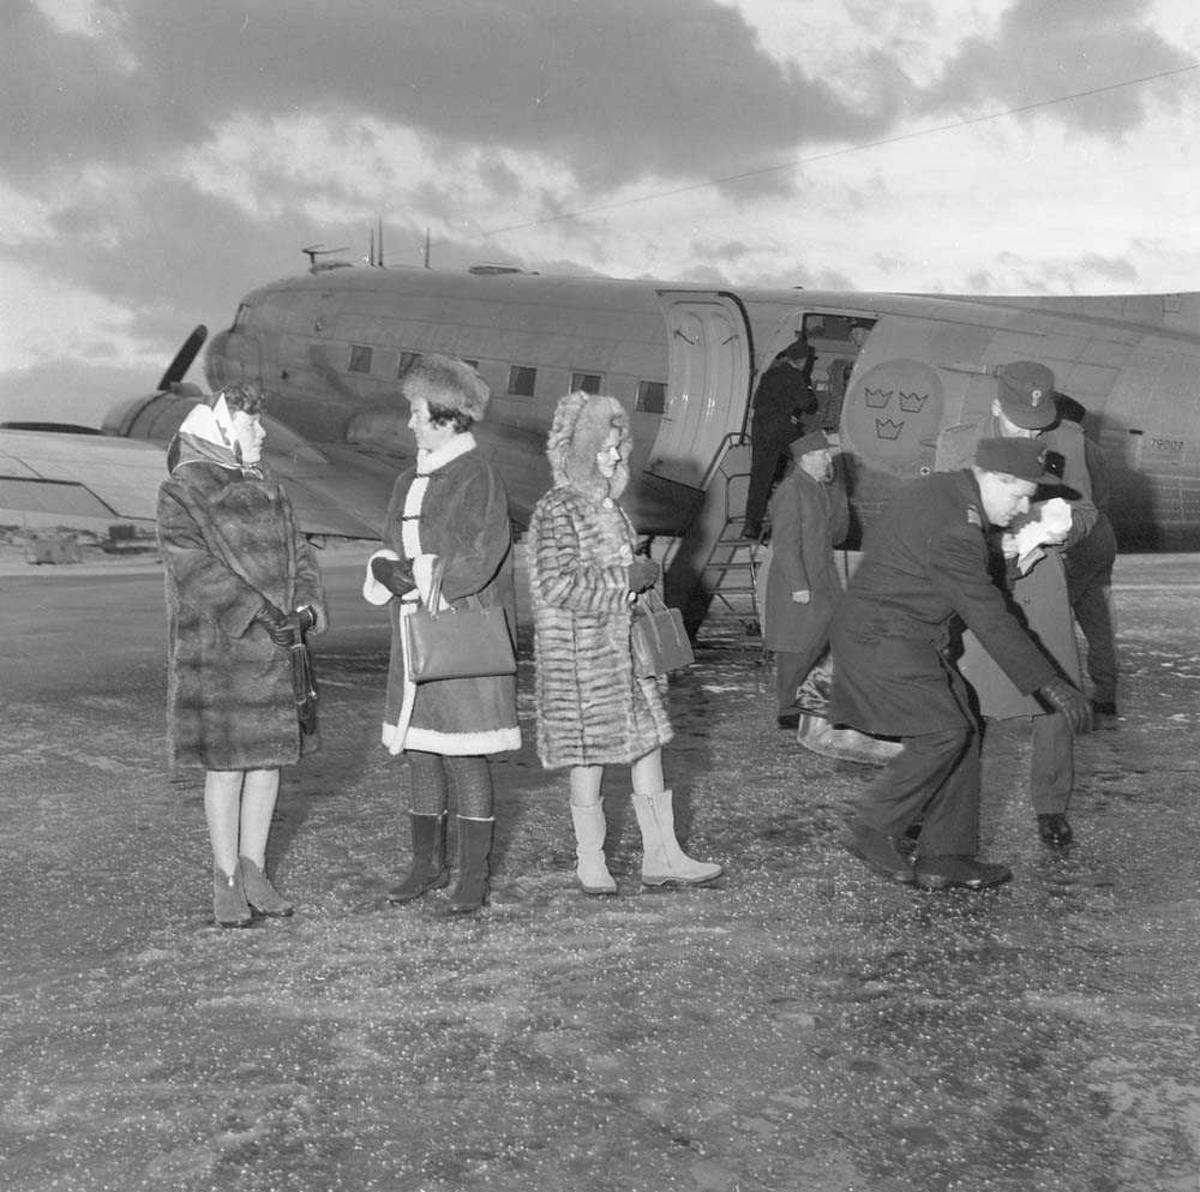 Svenske offiserer med fruer besøker Bodø flystasjon. De har ankommet Bodø med en Douglas DC-3/C-47 Dakota.